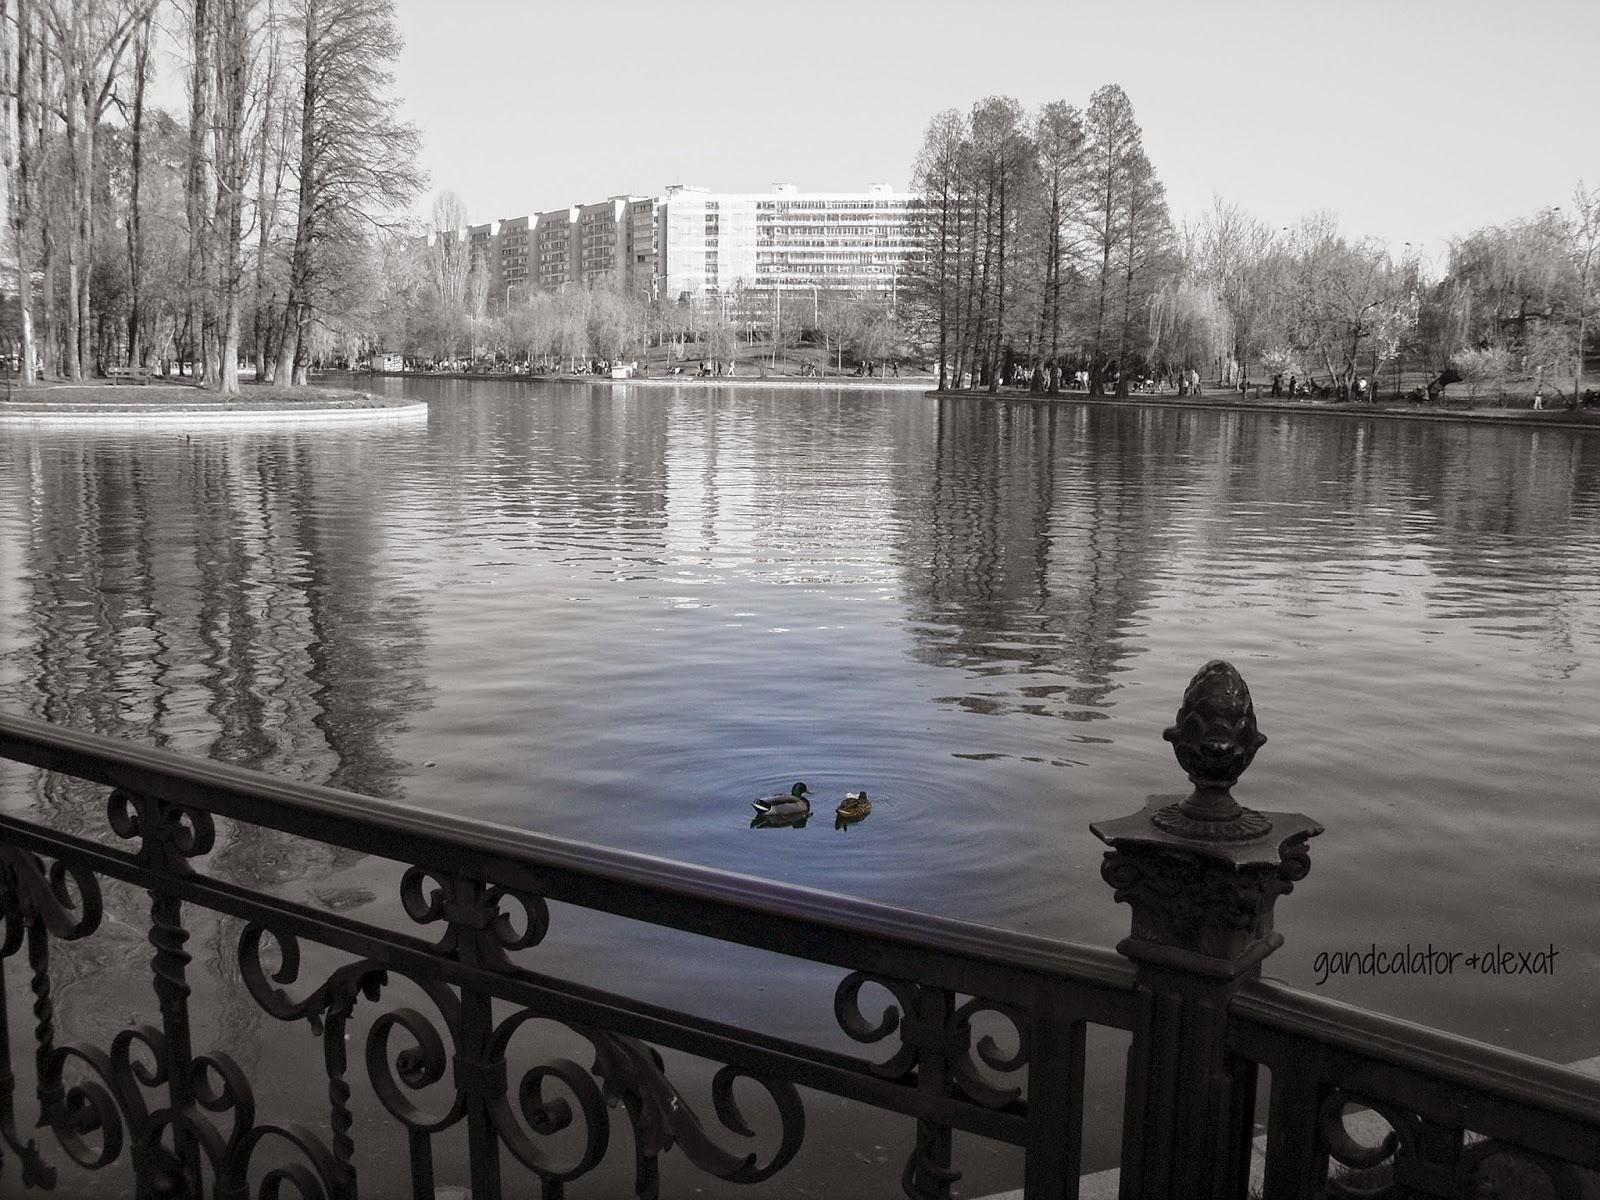 Rate mallard/ A pair of mallard ducks